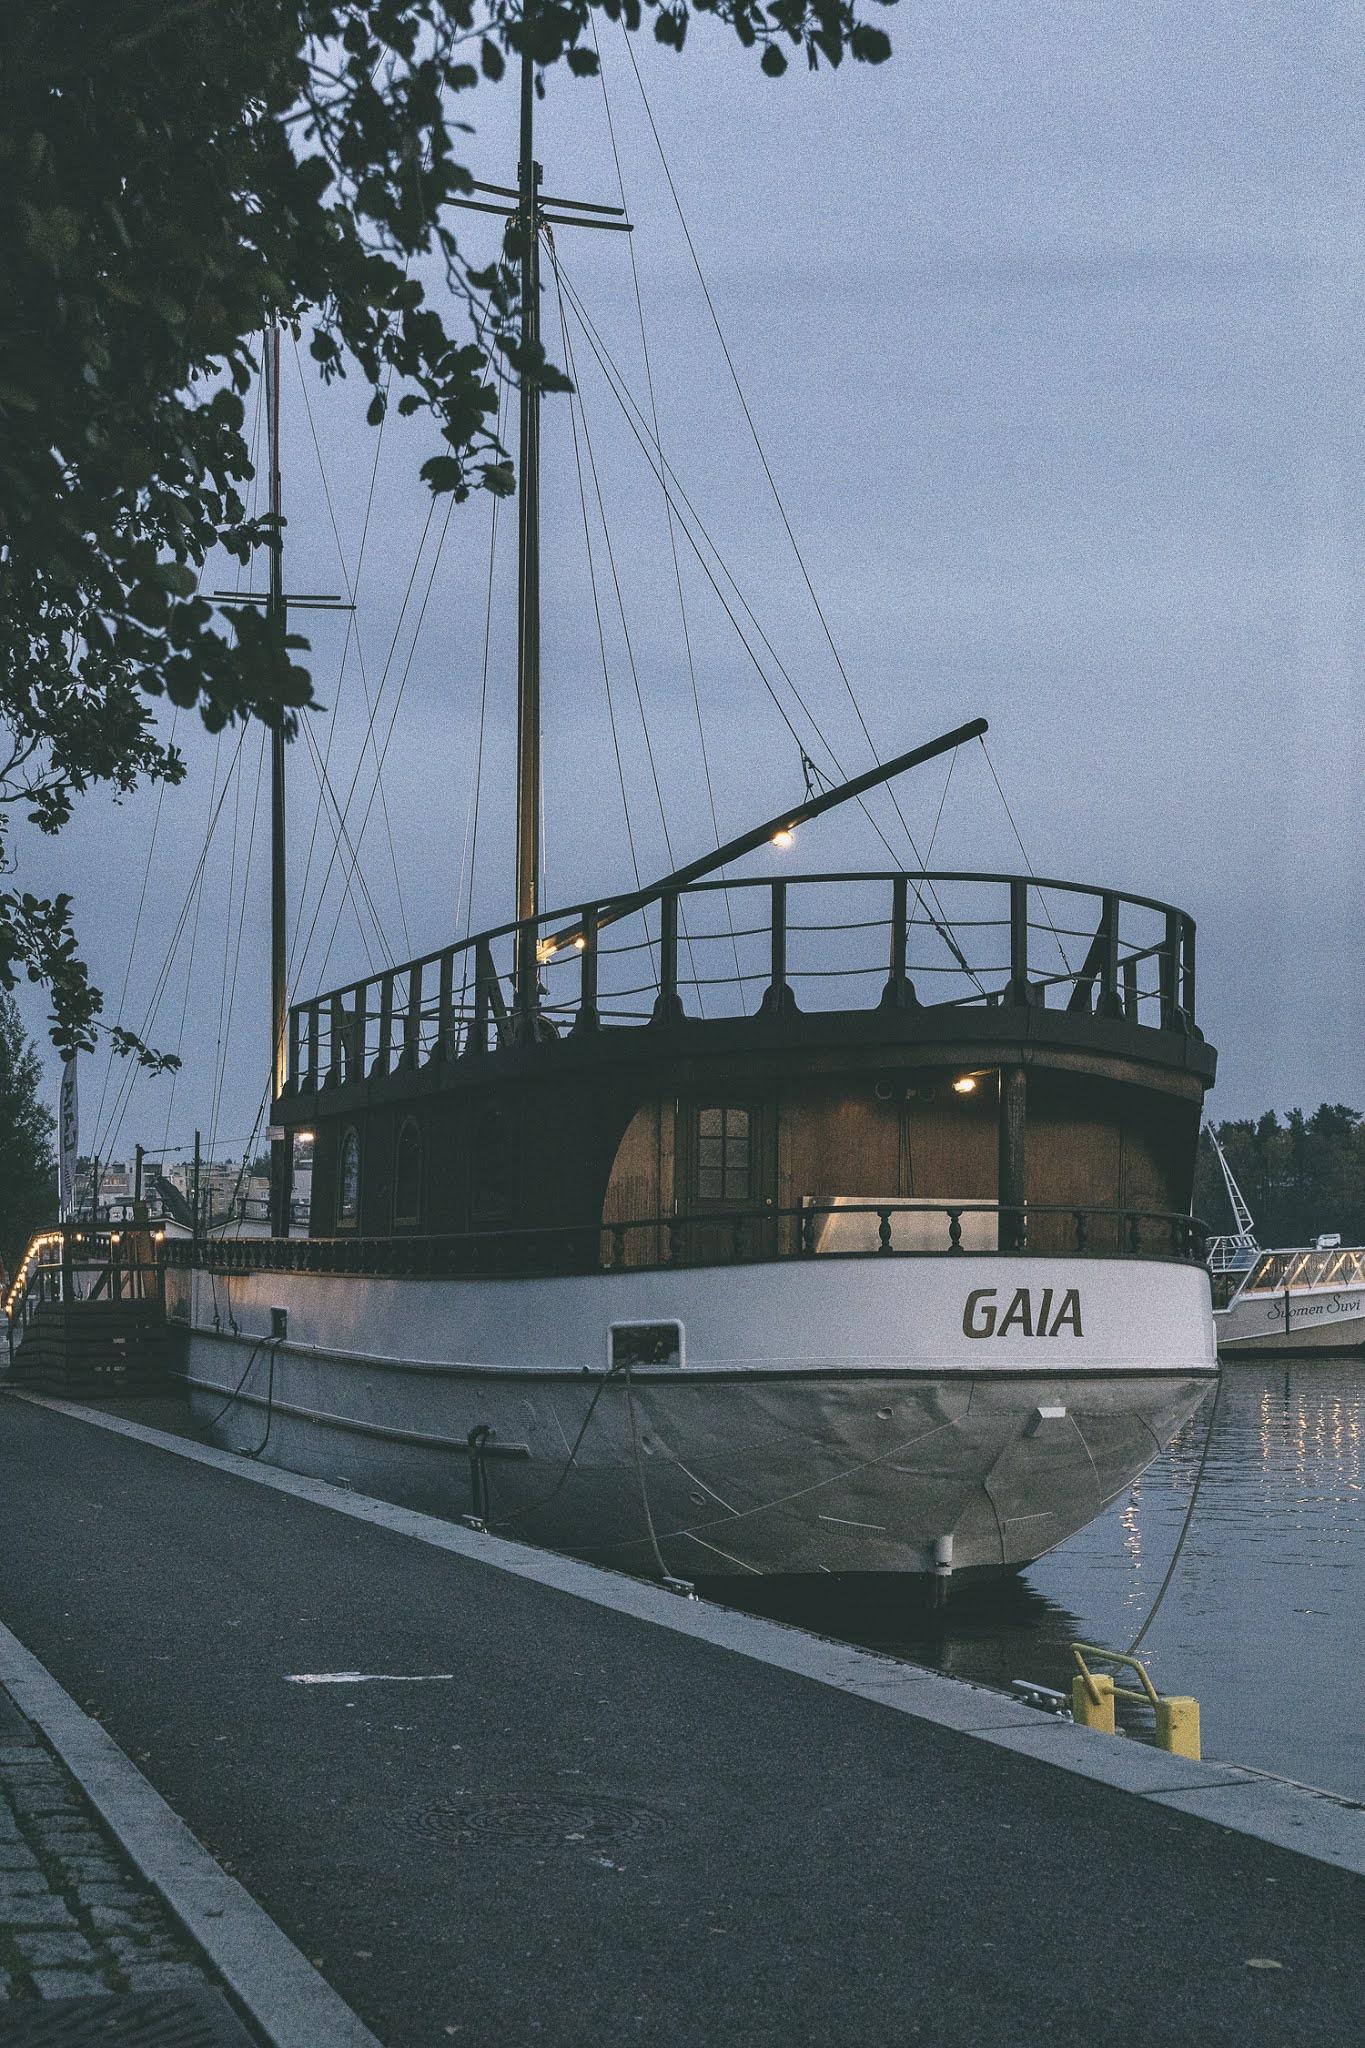 Jyväskylä, Hotelli, visitjyväskylä, suomi, finland, visitfinland, kotimaa, matkailu, matkustus, valokuvaaja, Frida steiner, visualaddictfrida, matkablogi, blogi, visualaddict, järvi